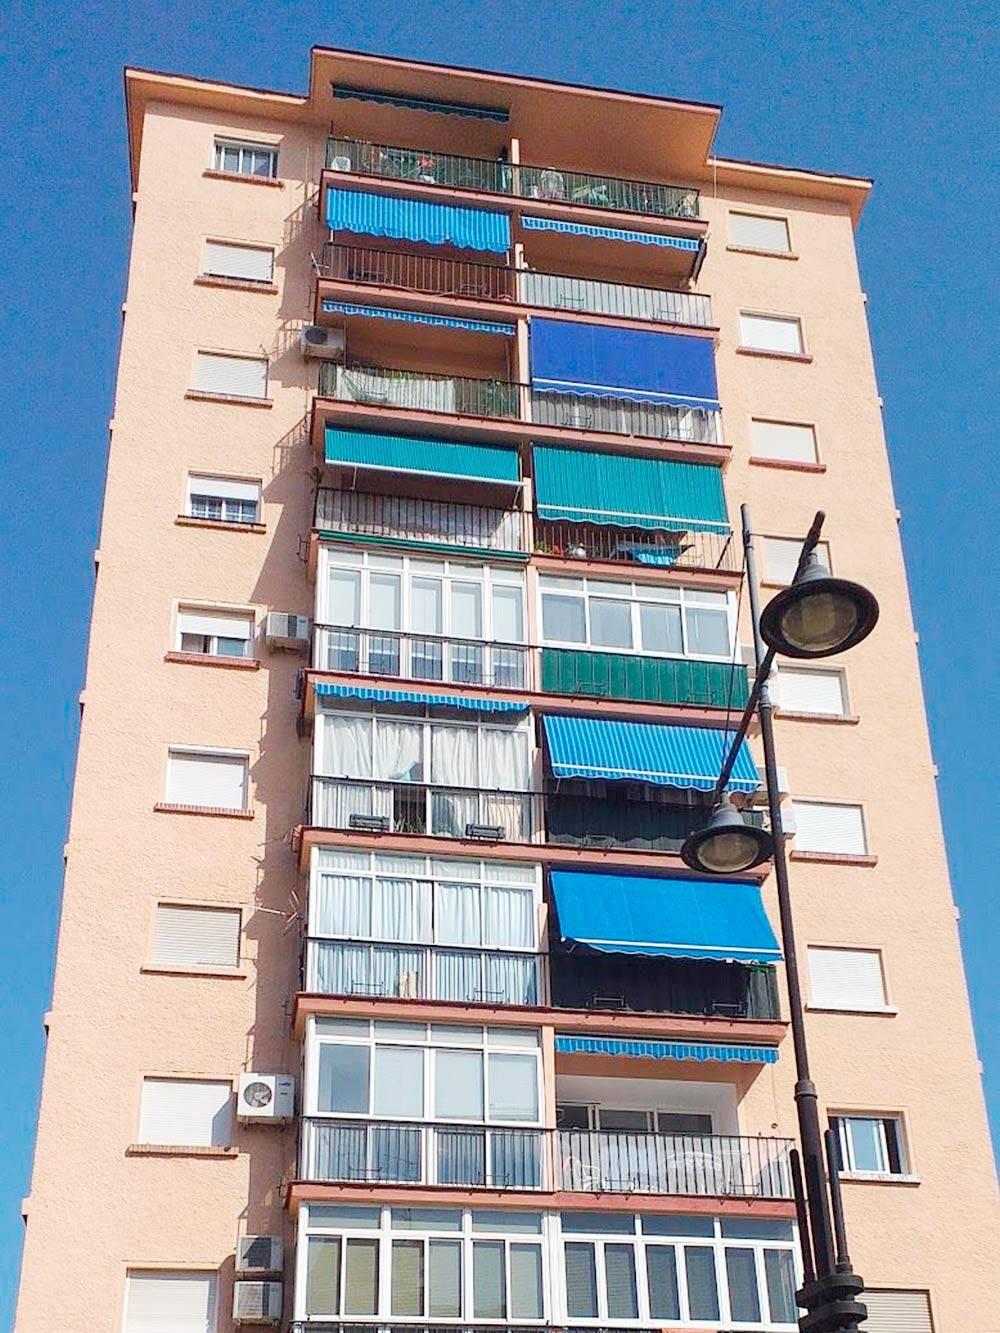 Типичный дом в Малаге, построенный в 70—80-х годах. Самое бюджетное жилье тут стоит от 500€ в месяц